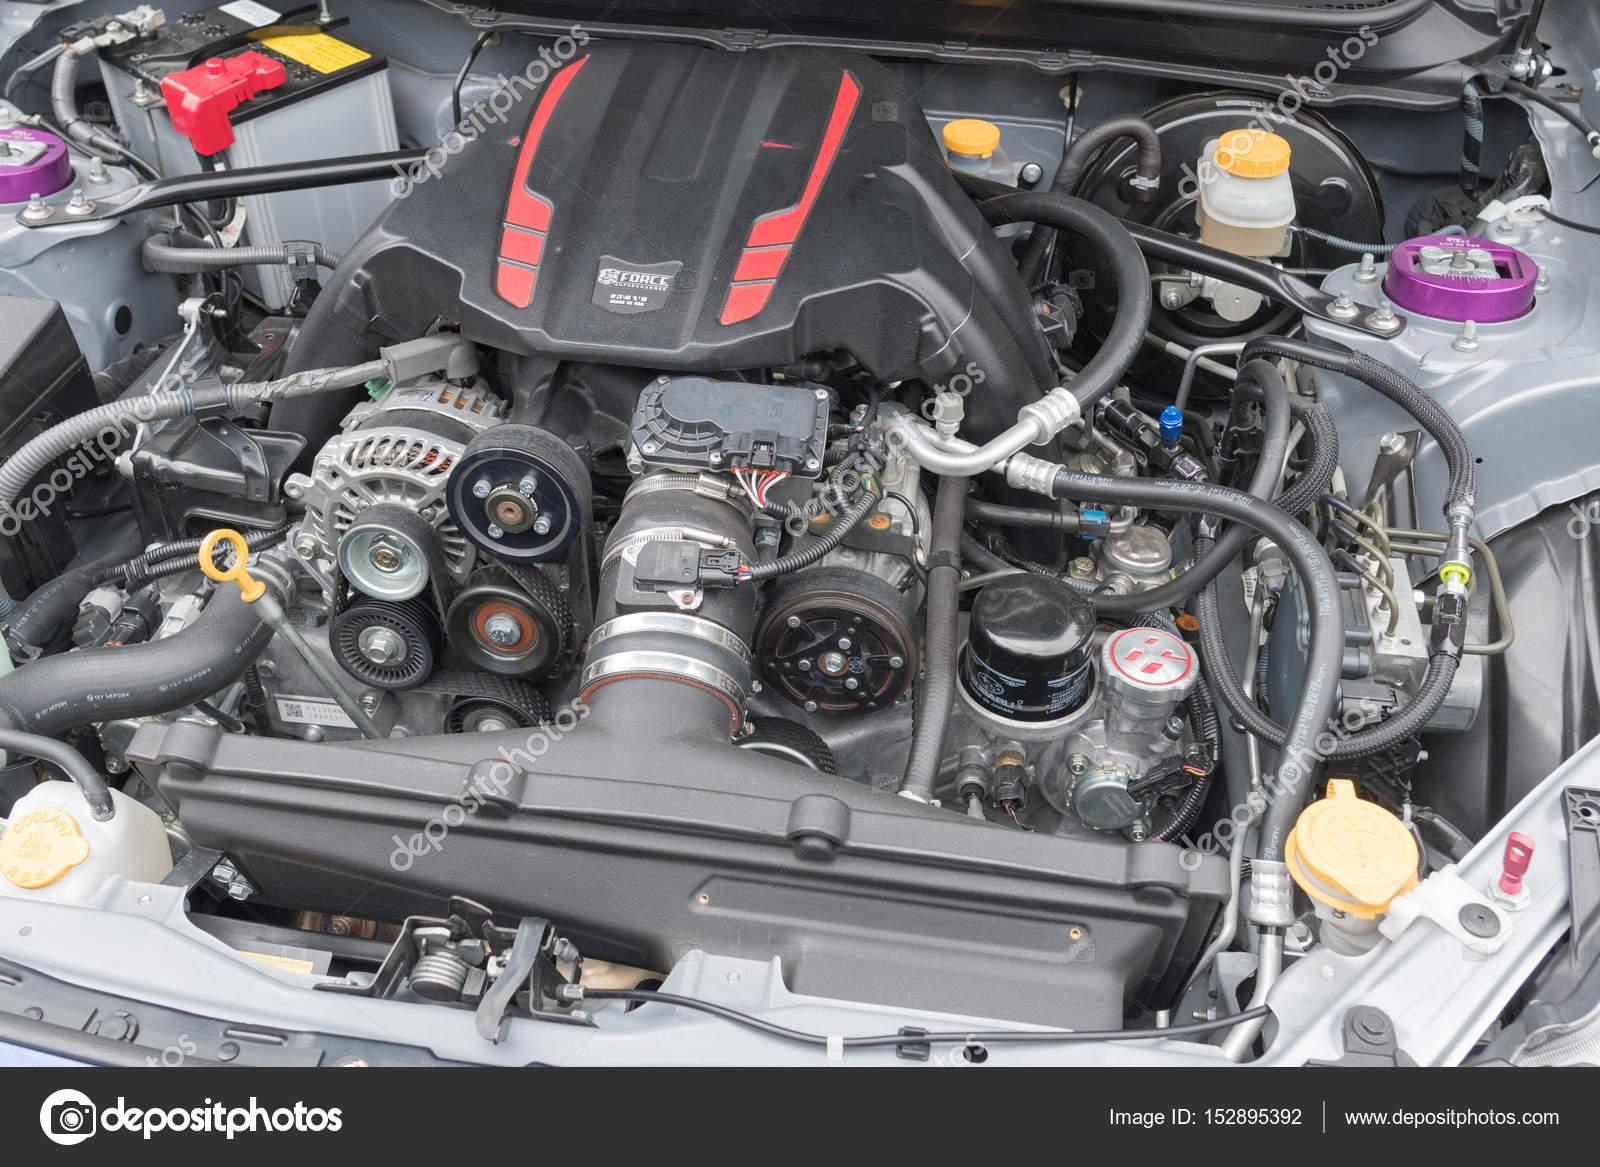 Motor De Jeep Grand Cherokee Em Exposição U2014 Fotografia De Stock